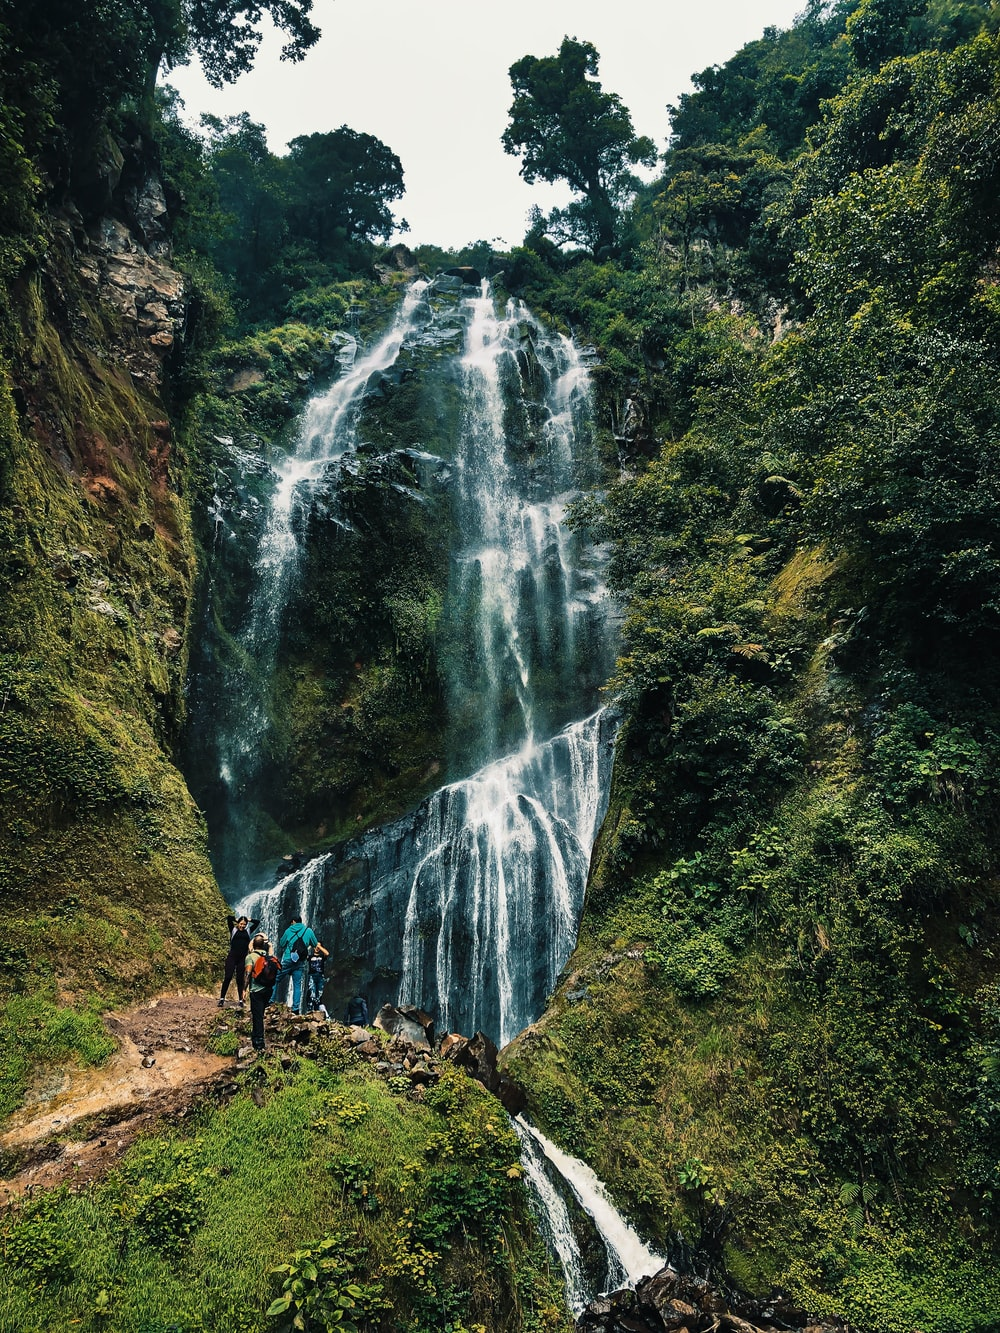 people walking on pathway near waterfalls during daytime